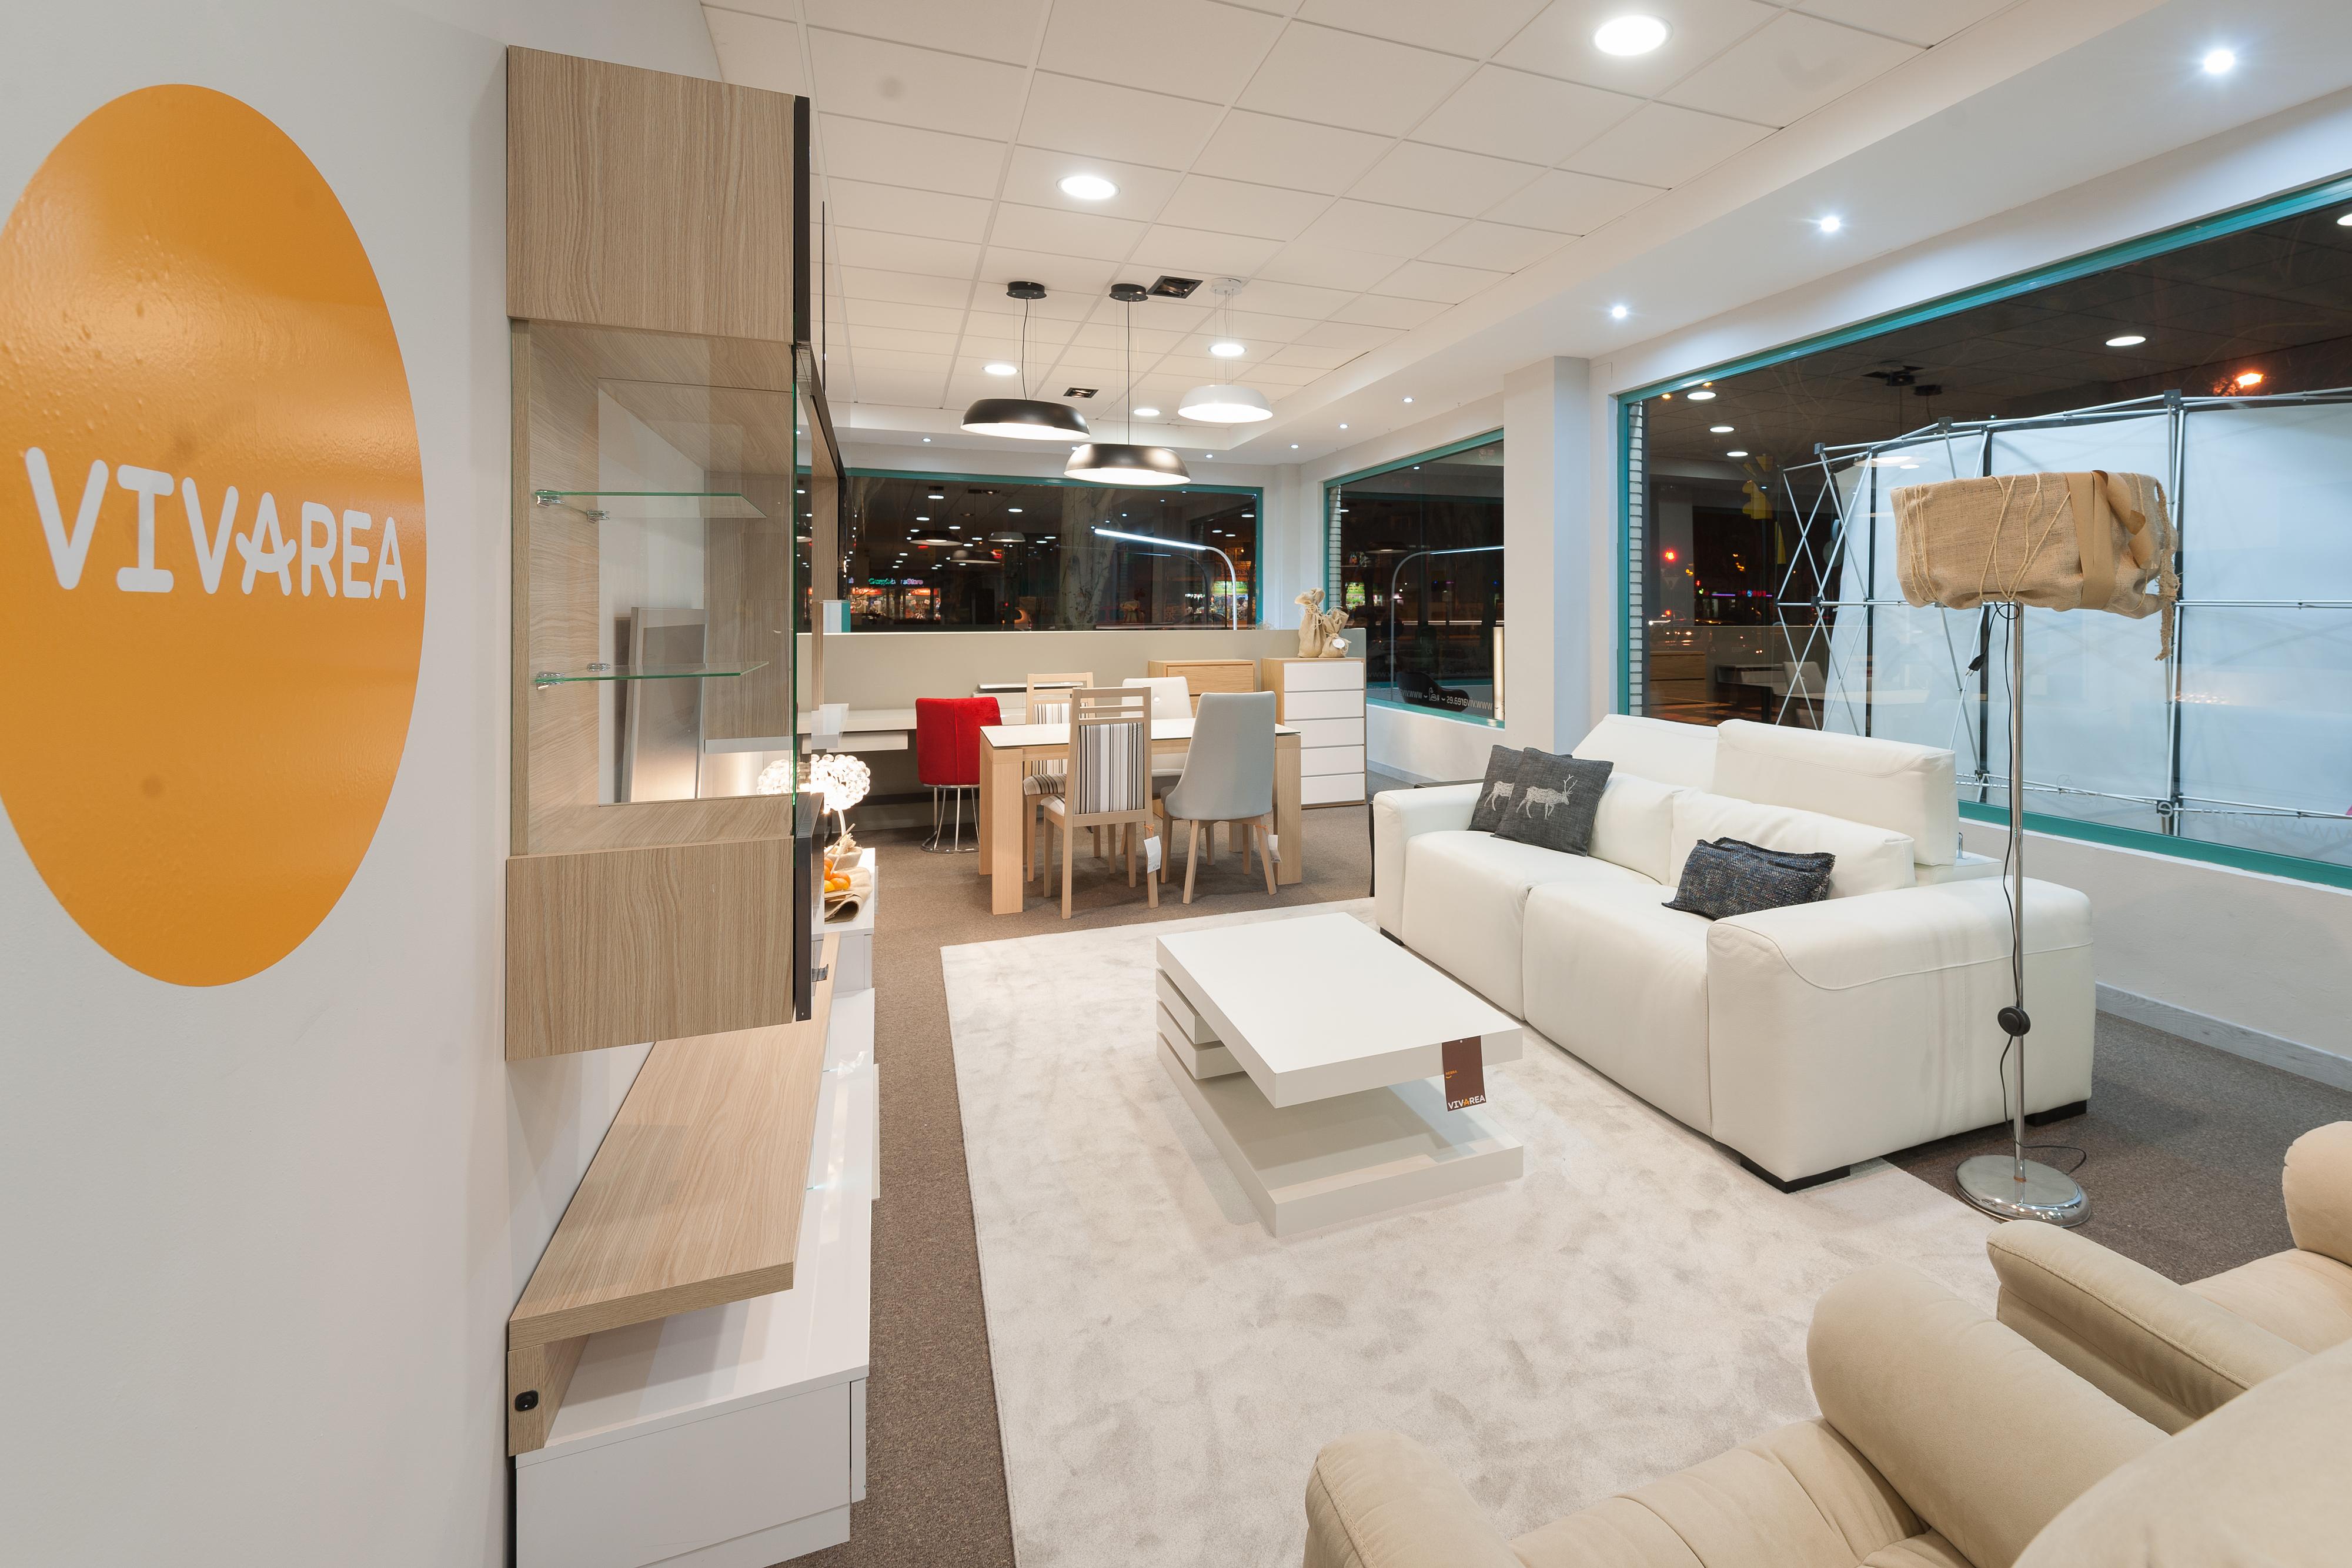 Vivarea nebra abre sus puertas a un nuevo concepto de for Muebles concepto